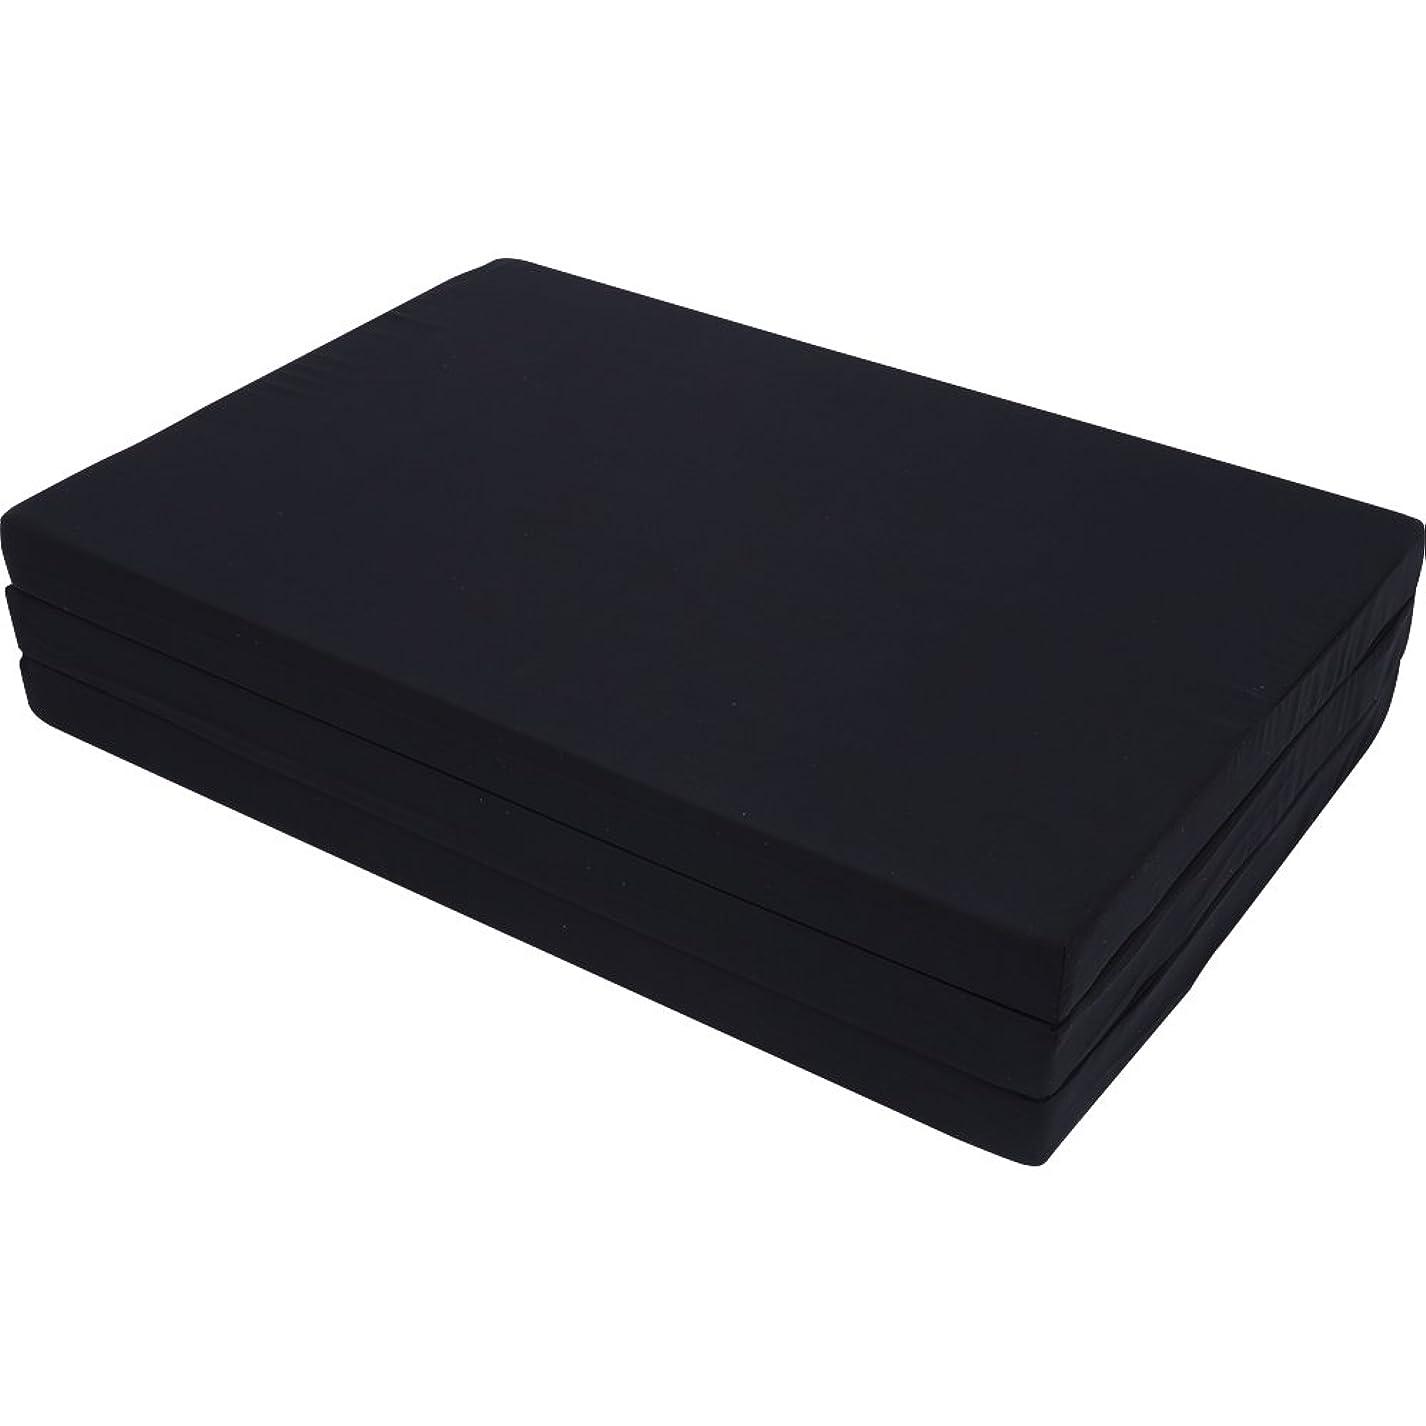 理想的には検出する仕事に行くアイリスプラザ マットレス シングル 三つ折り 厚さ6cm ブラック シングル 80N